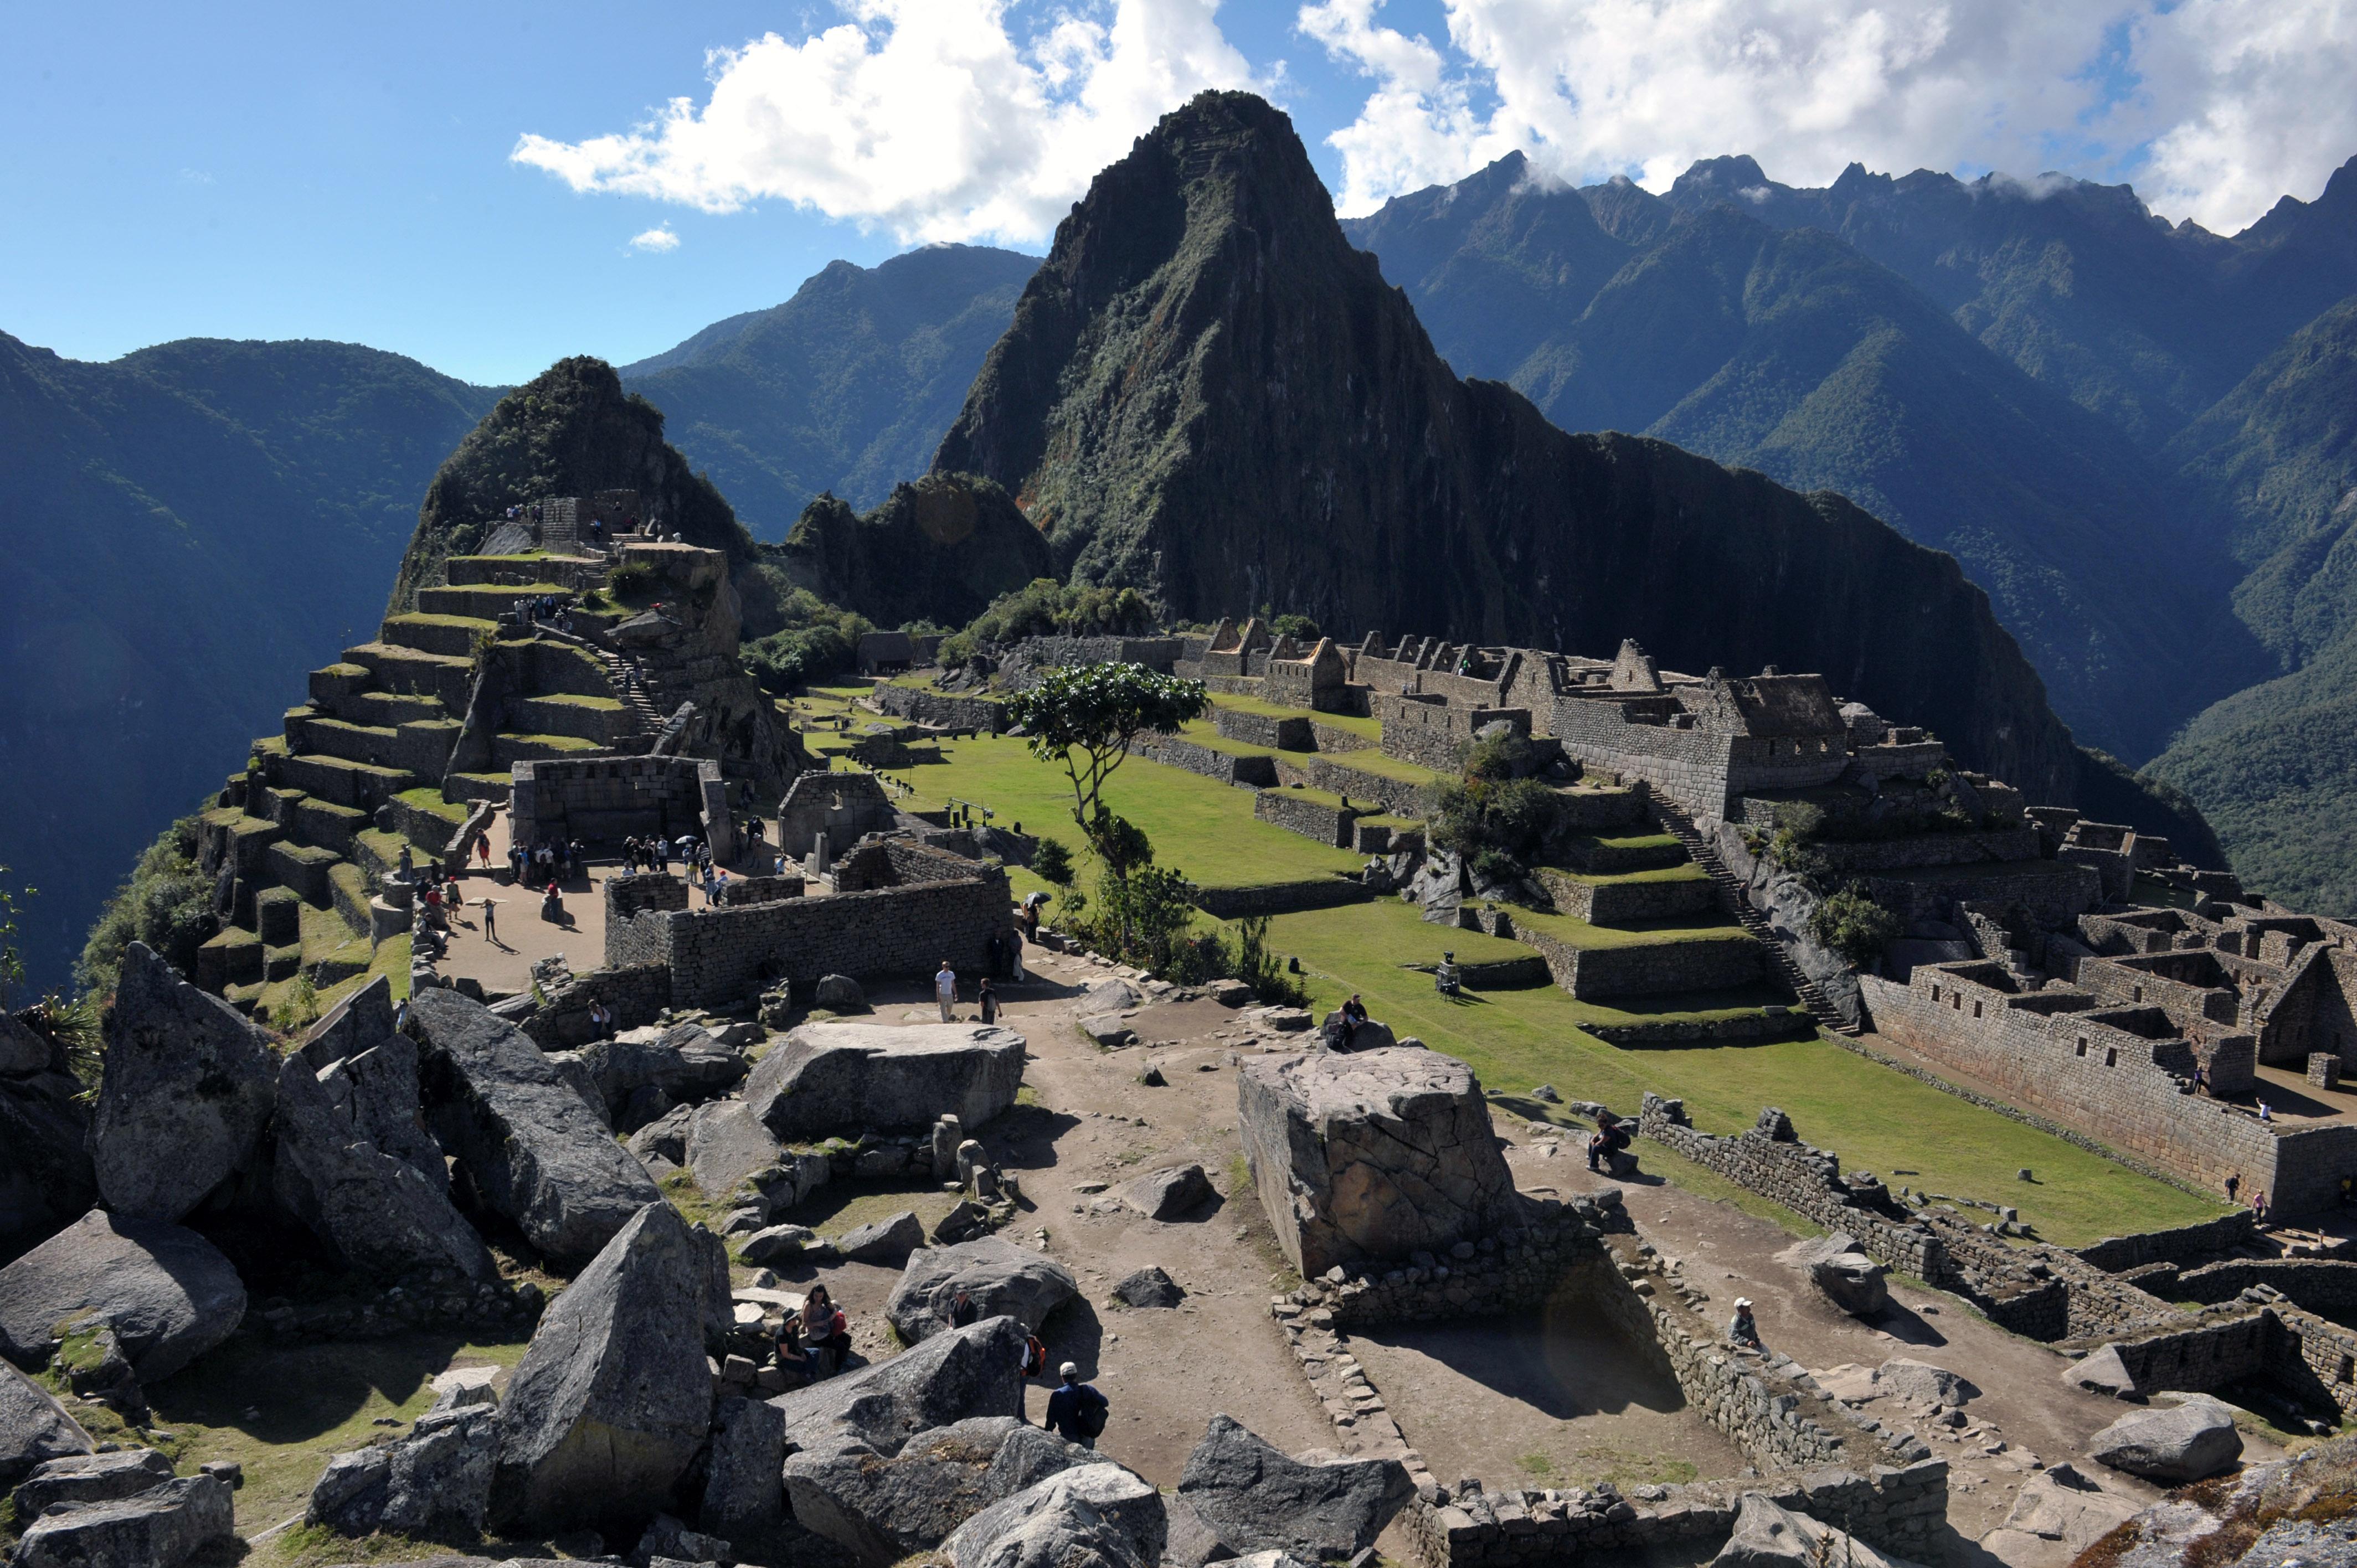 Por Qué Machu Picchu Es El Lugar Más Interesante Del Mundo Cnn